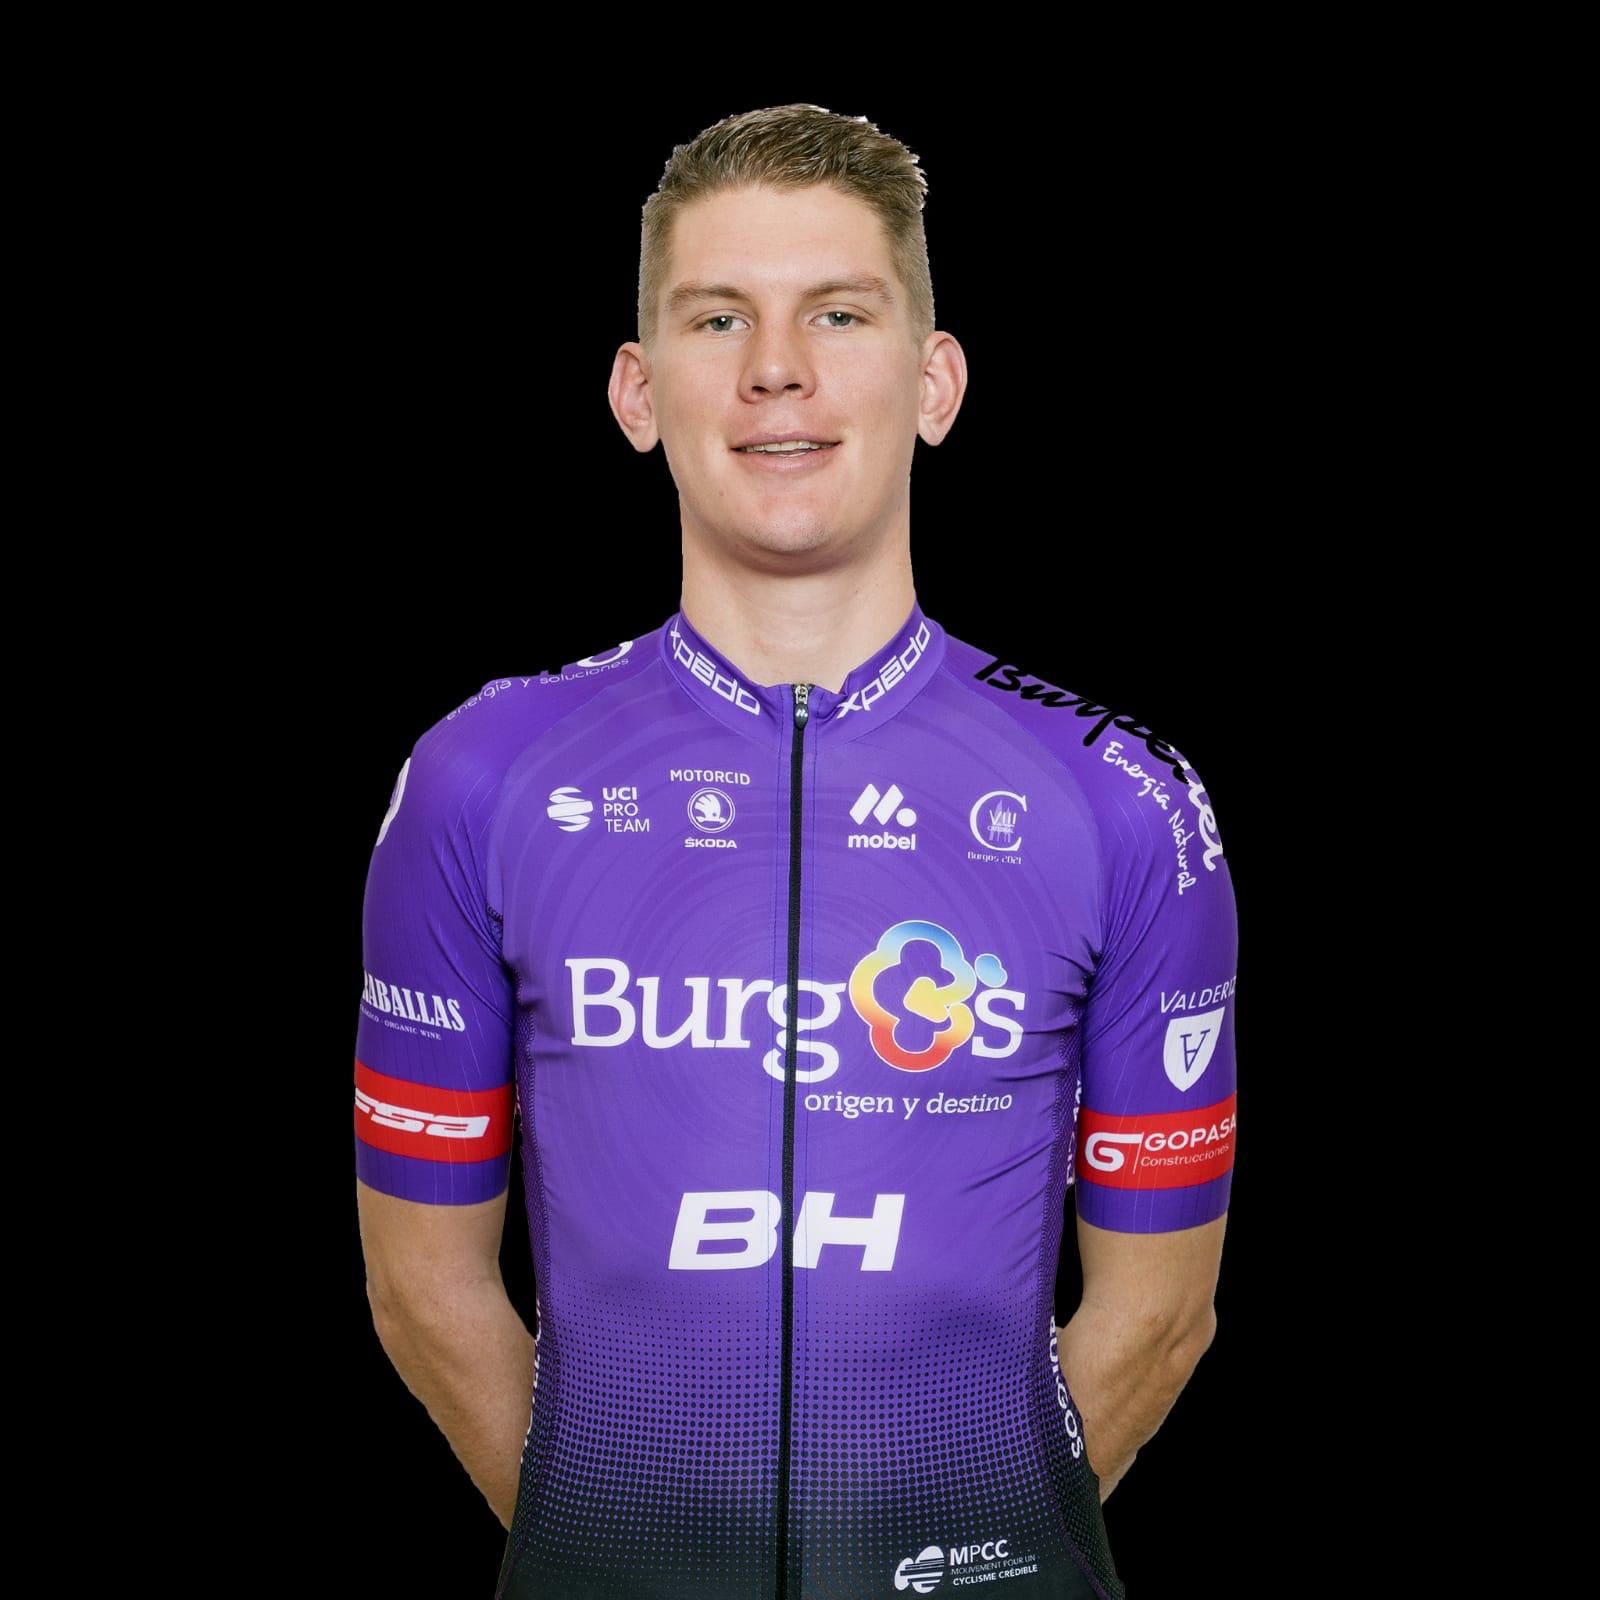 'Neutraliseren van etappe in Ronde van Luxemburg was terecht. Het was levensgevaarlijk. Er hoeft zich toch niet eerst iemand te pletter te rijden voordat wij dit mogen besluiten?' | Column Jetse Bol